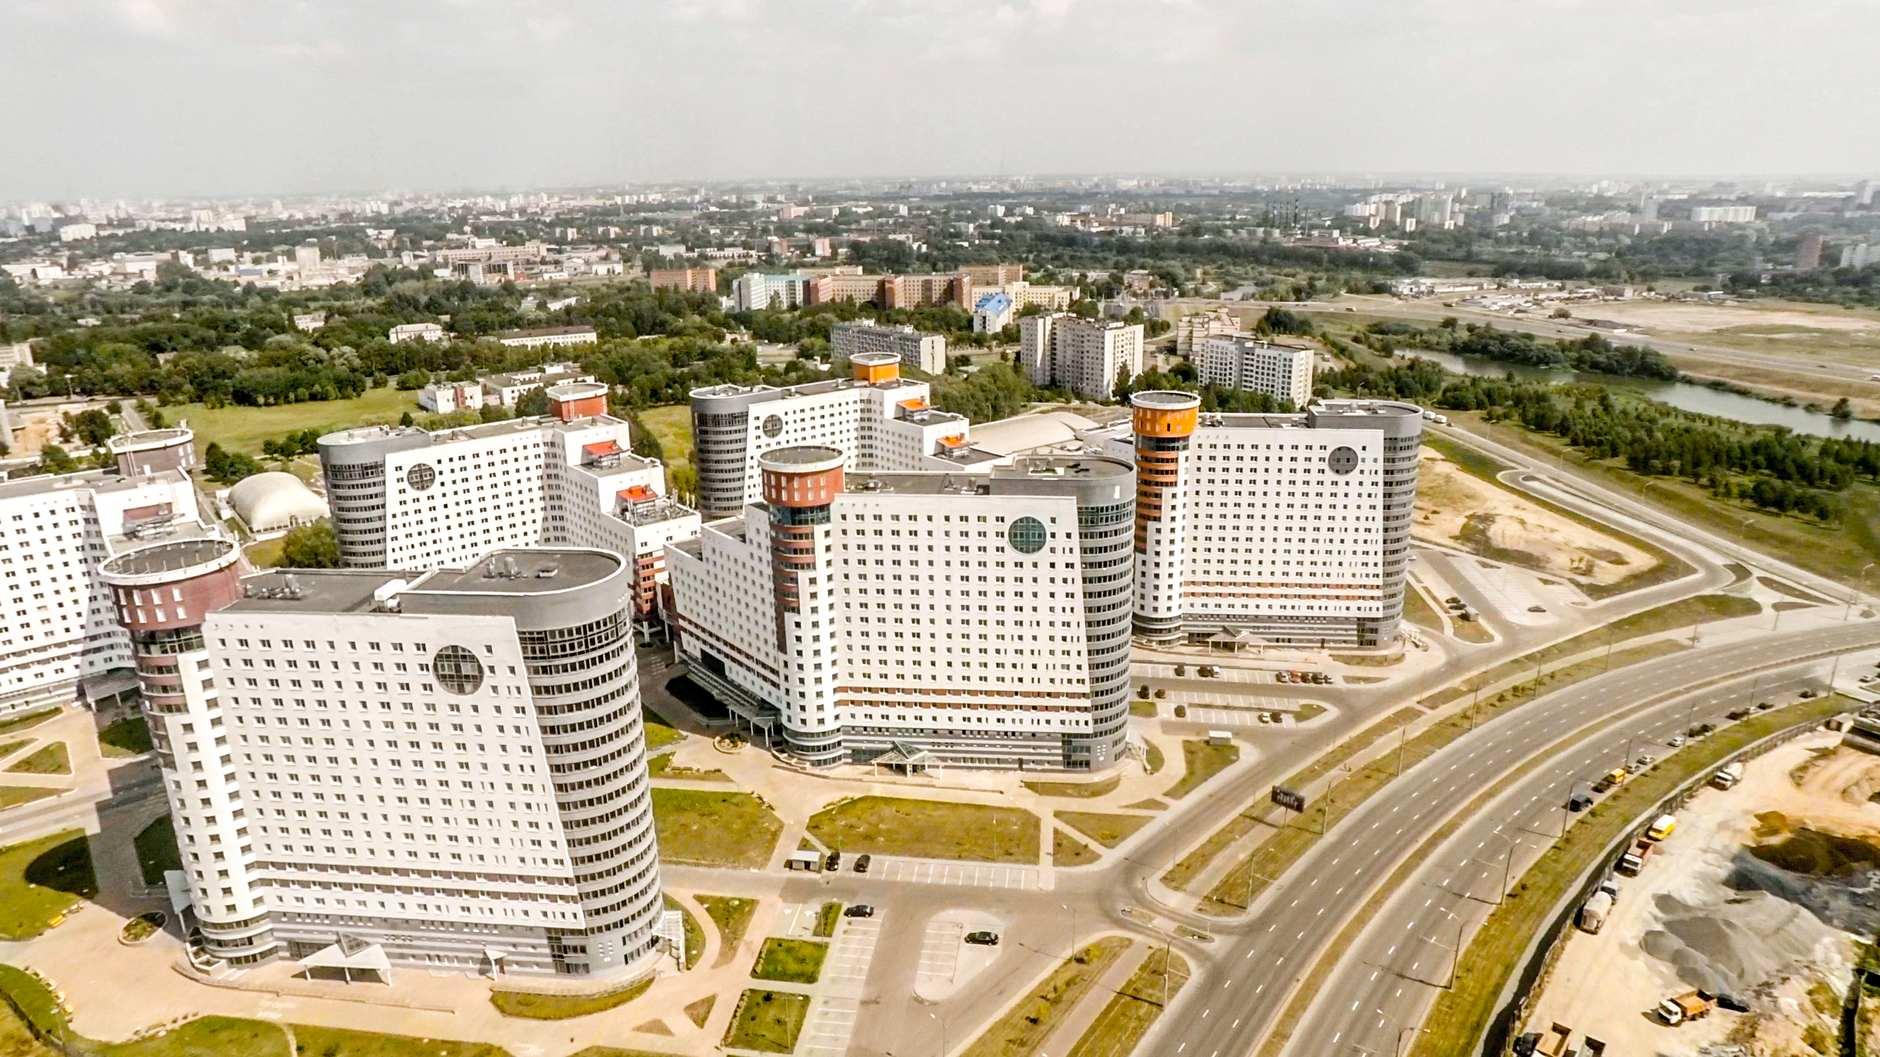 Студенческая деревня — жилой комплекс в Минске, где проживает 7000 студентов из девяти вузов Минска. На территории деревни расположена поликлиника, торговый центр, Ледовый дворец, детский сад. В каждом общежитии есть тренажёрные залы, прачечные, медпункты, предусмотрены места для буфетов и столовых